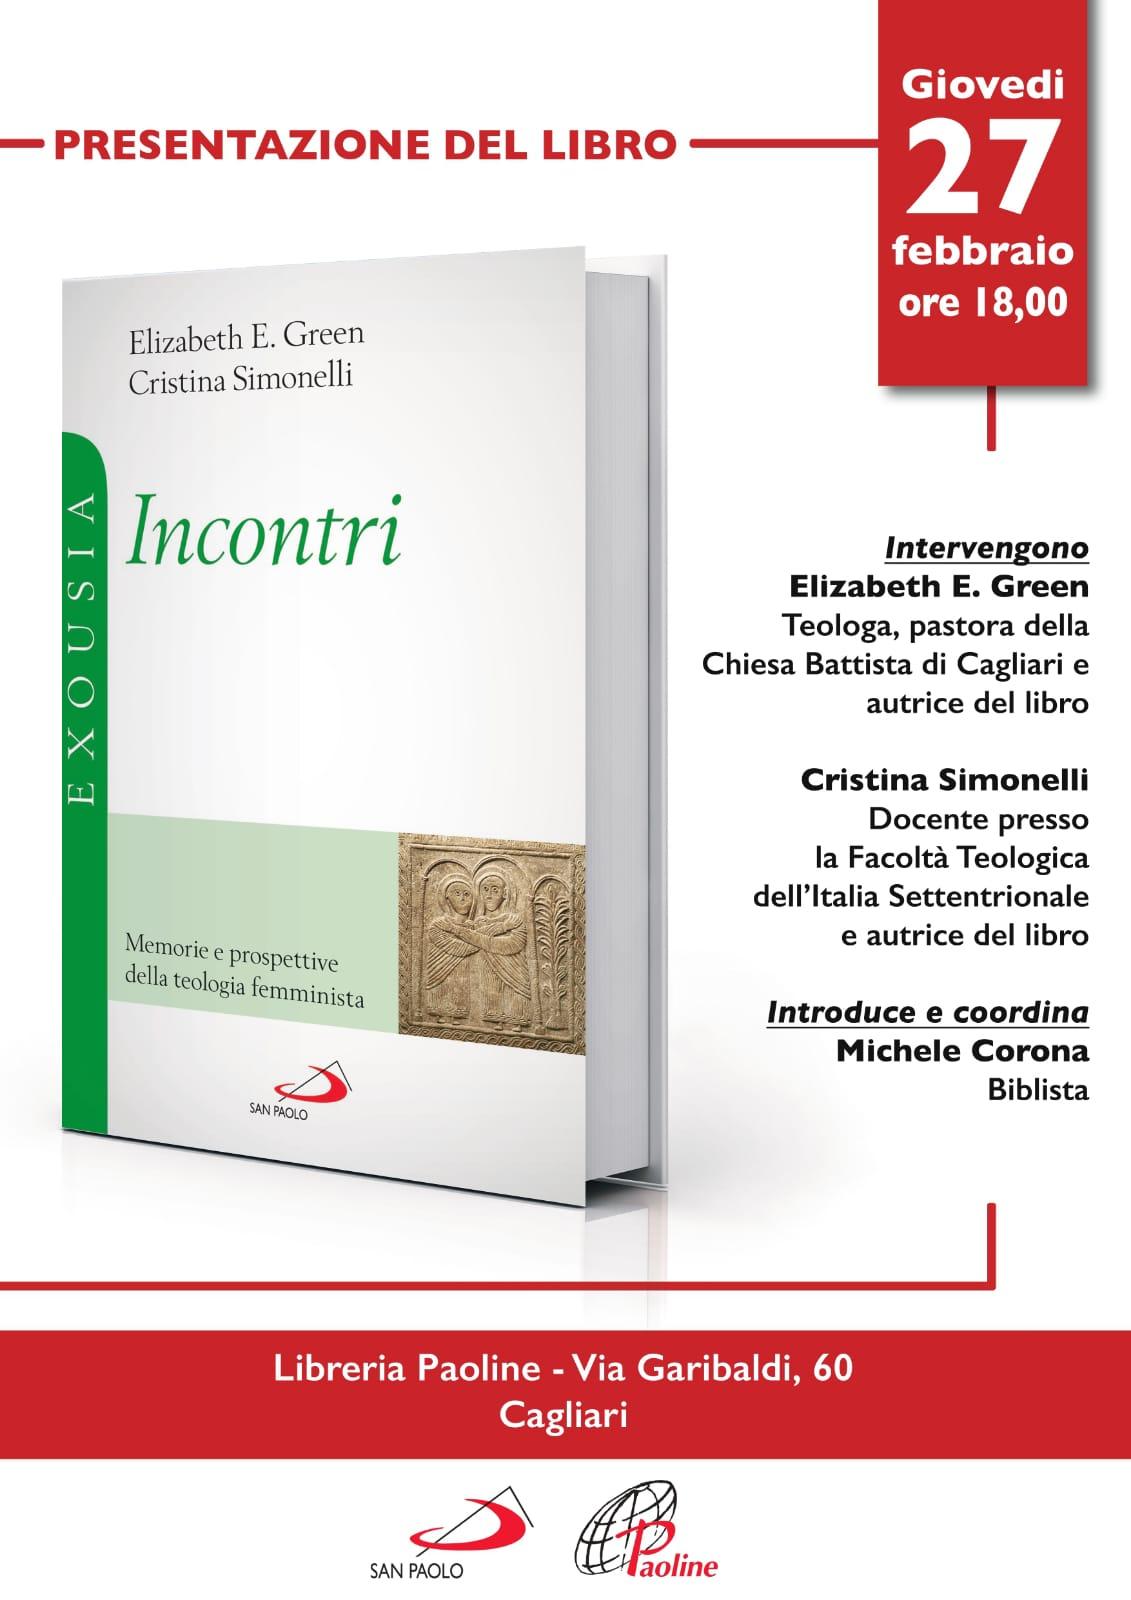 """27.02.2020, CAGLIARI: Presentazione """"Incontri"""" - con Elizabeth E. Green e Cristina Simonelli @ Libreria Paoline - Cagliari"""